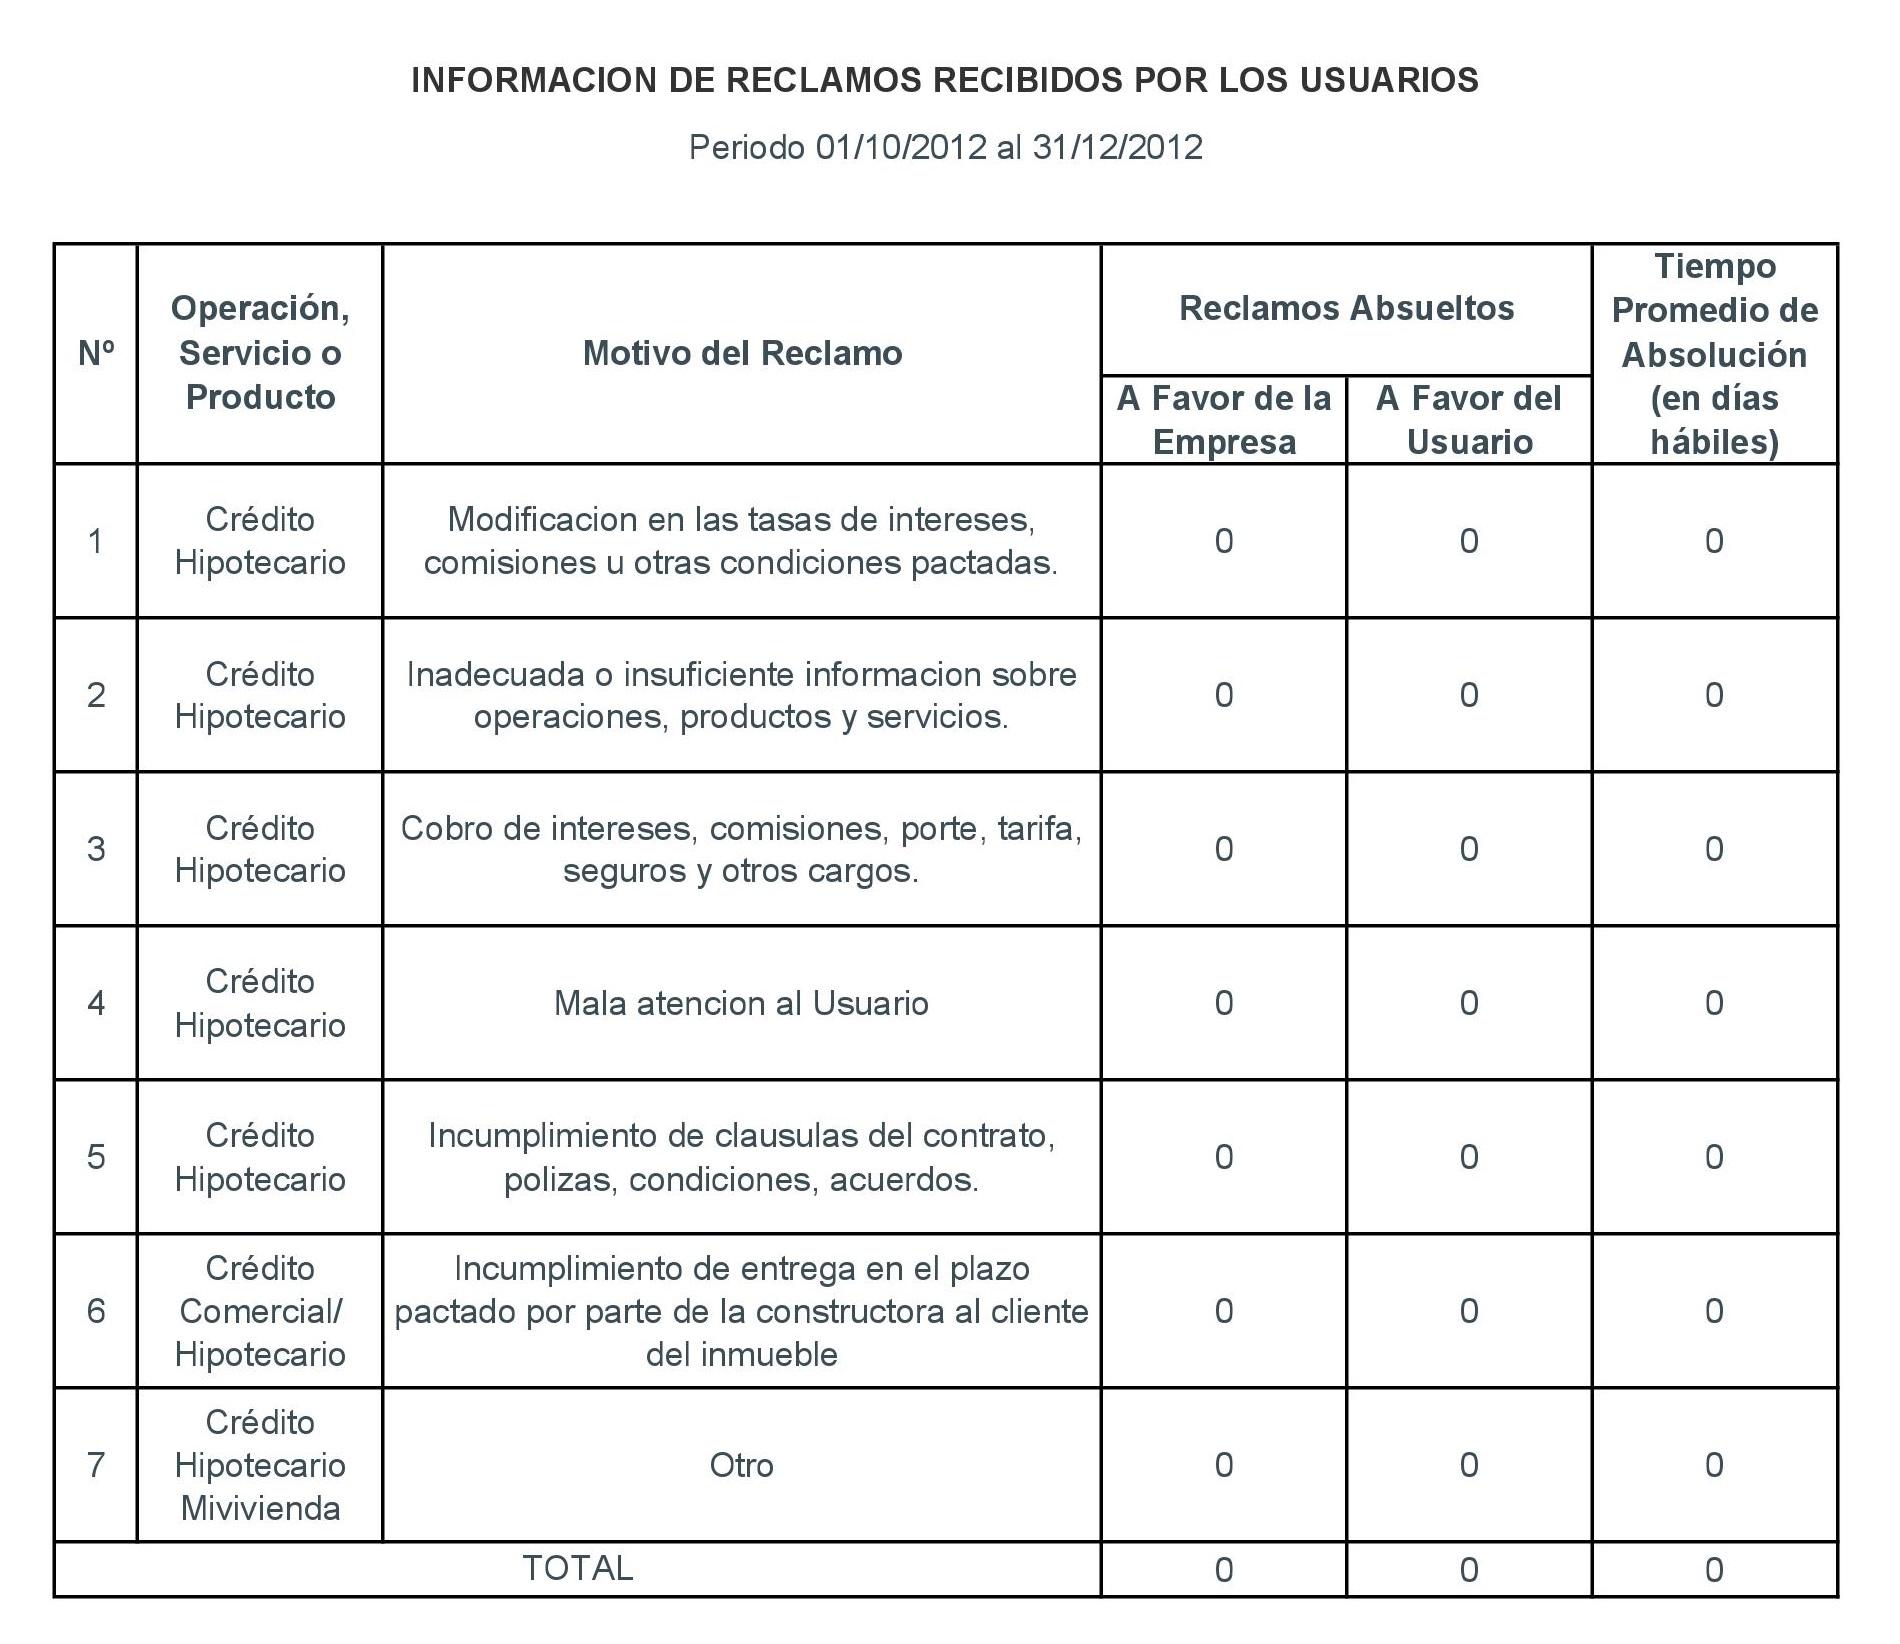 Periodo 01-10-2012 al 31-12-2012